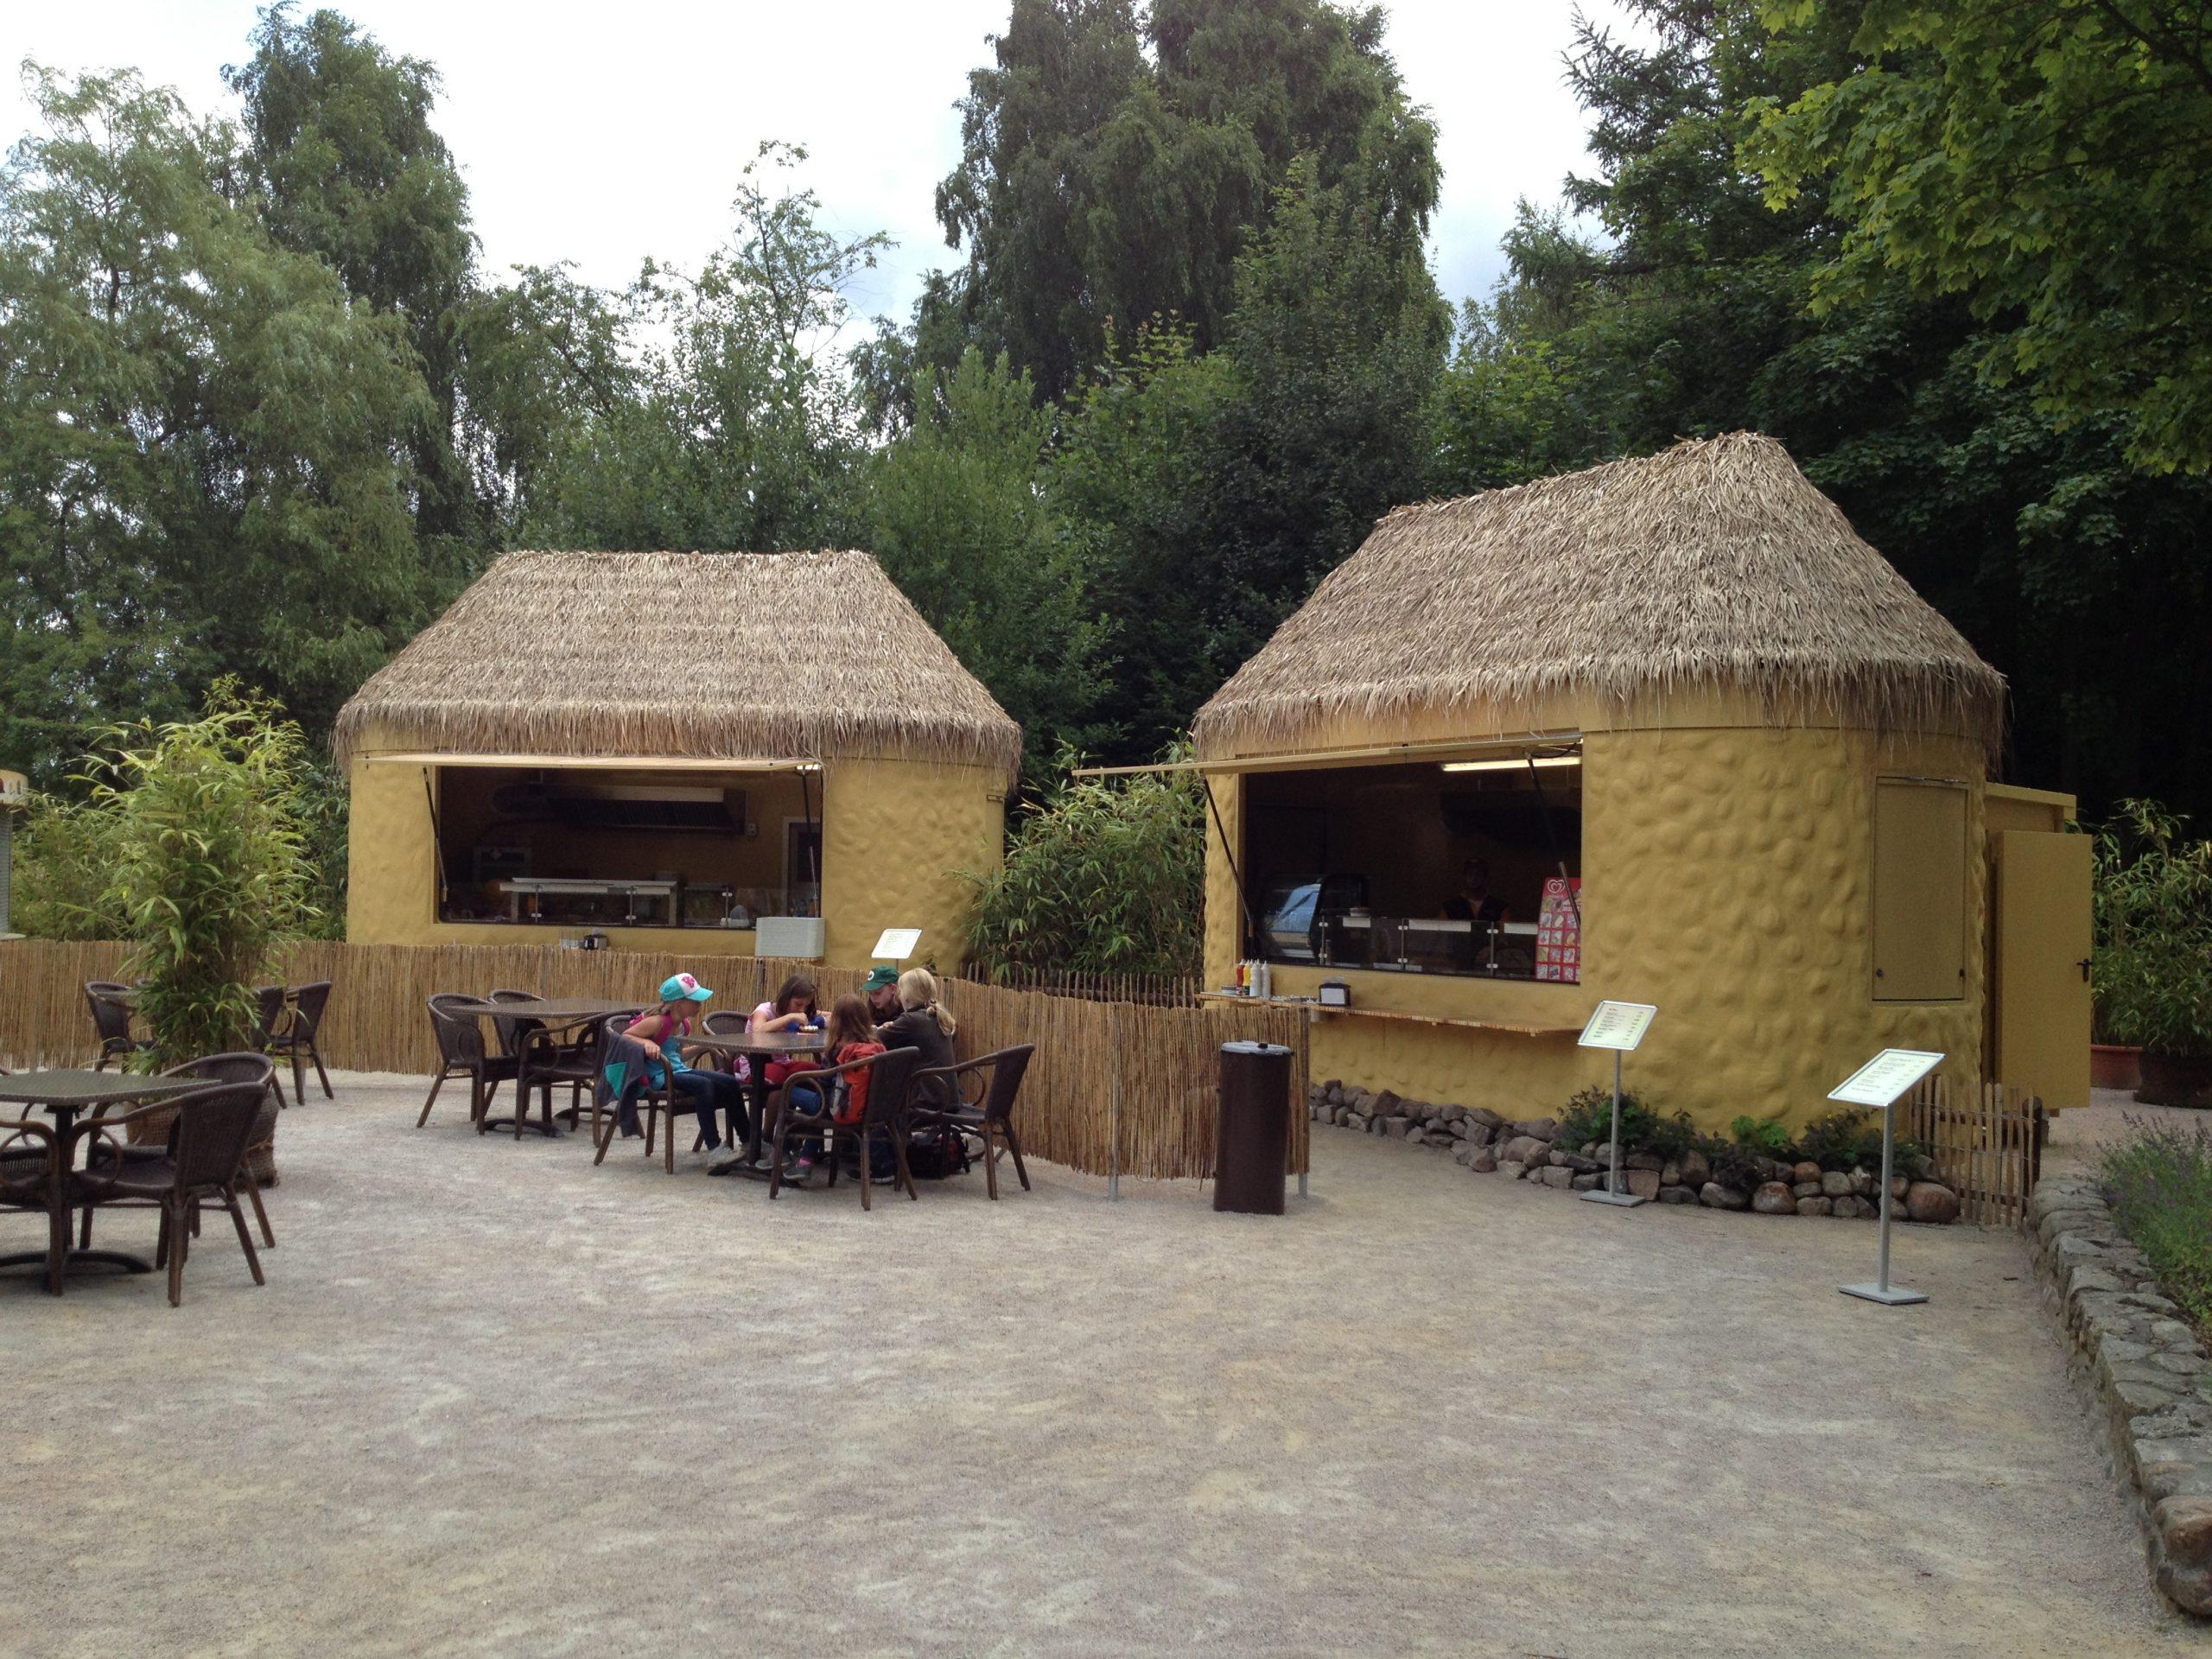 Kiosk Pavillon Imbiss Verkaufsstand Bäcker Brötchen Holz